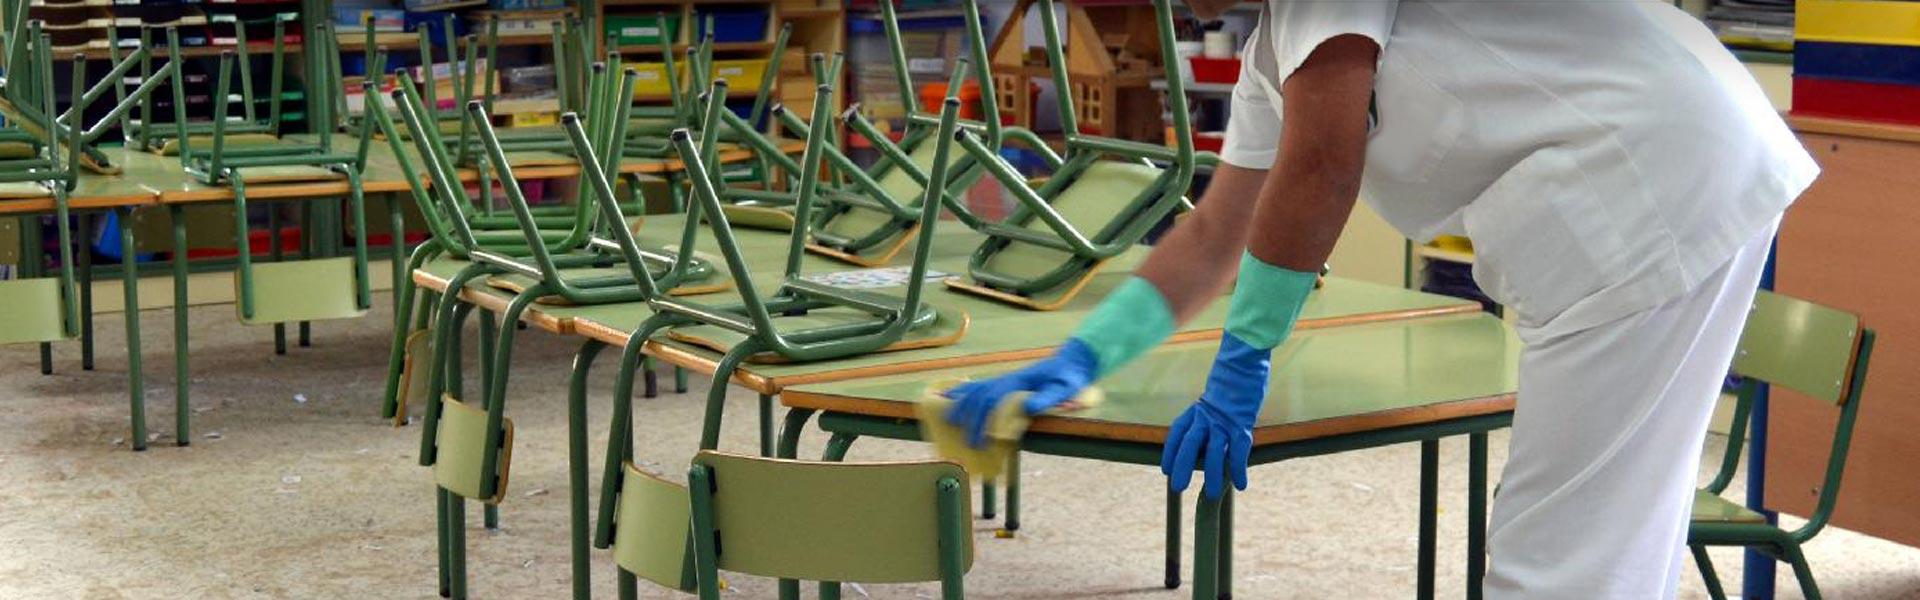 Importancia de la limpieza en escuelas 5